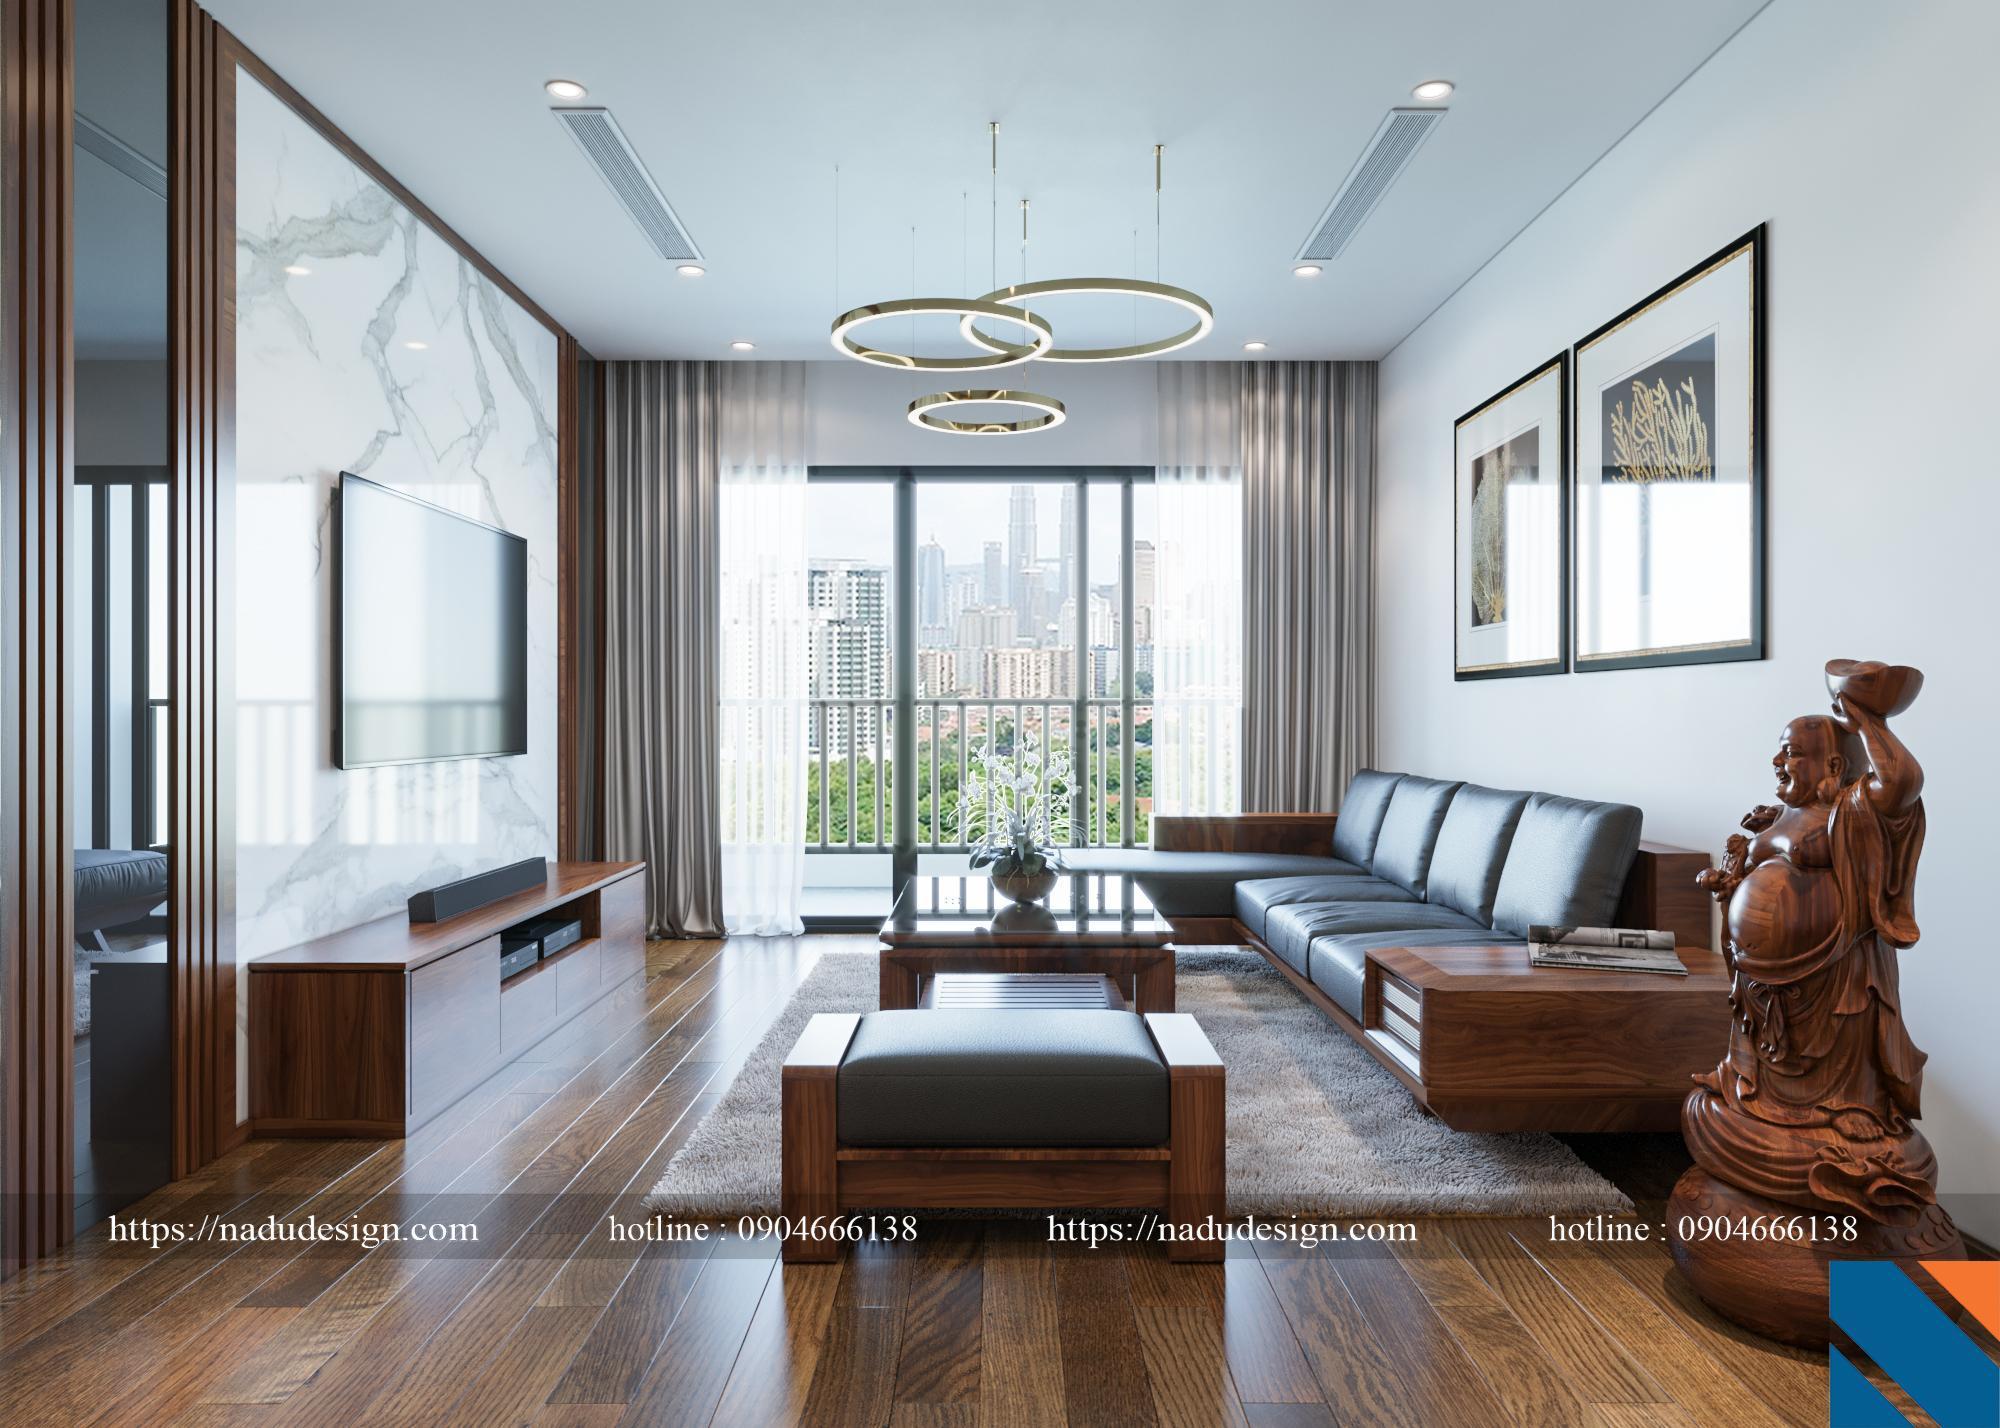 Thiết kế thi công căn hộ Vinhomes Skylake thanh lịch trong từng vân gỗ